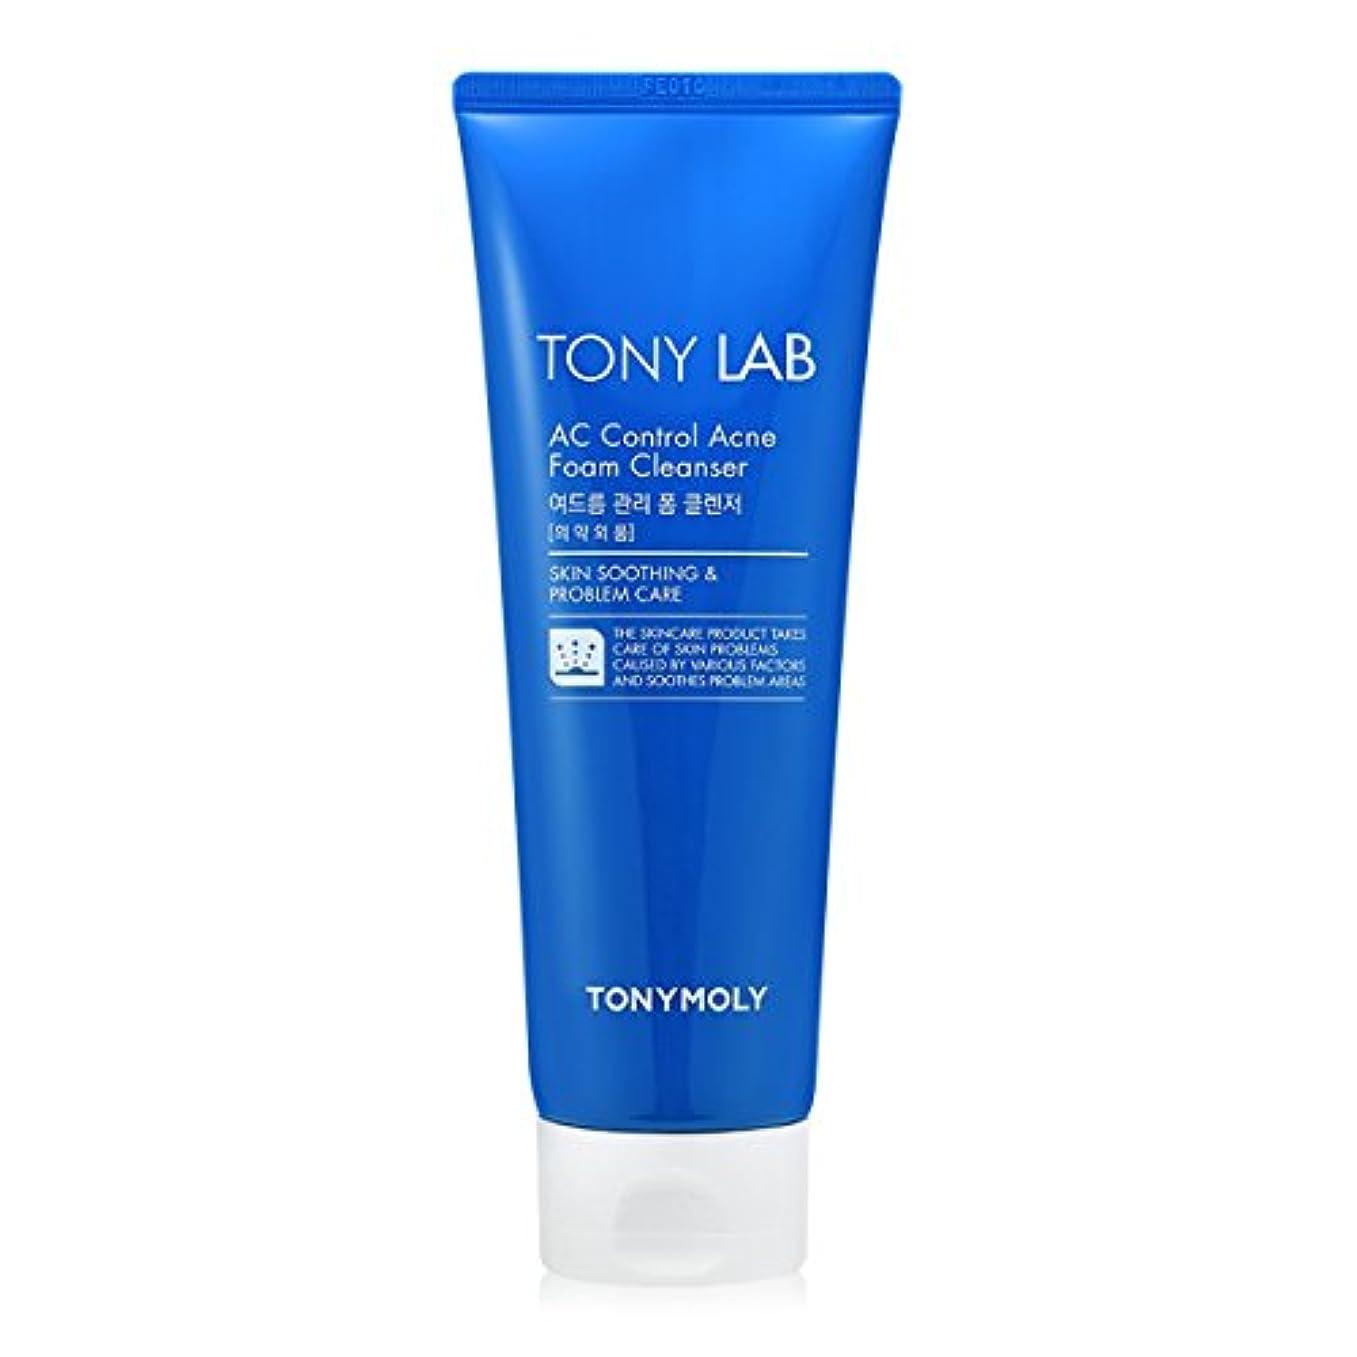 ひねくれた薬局エーカー[New] TONYMOLY Tony Lab AC Control Acne Foam Cleanser 150ml/トニーモリー トニー ラボ AC コントロール アクネ フォーム クレンザー 150ml [並行輸入品]